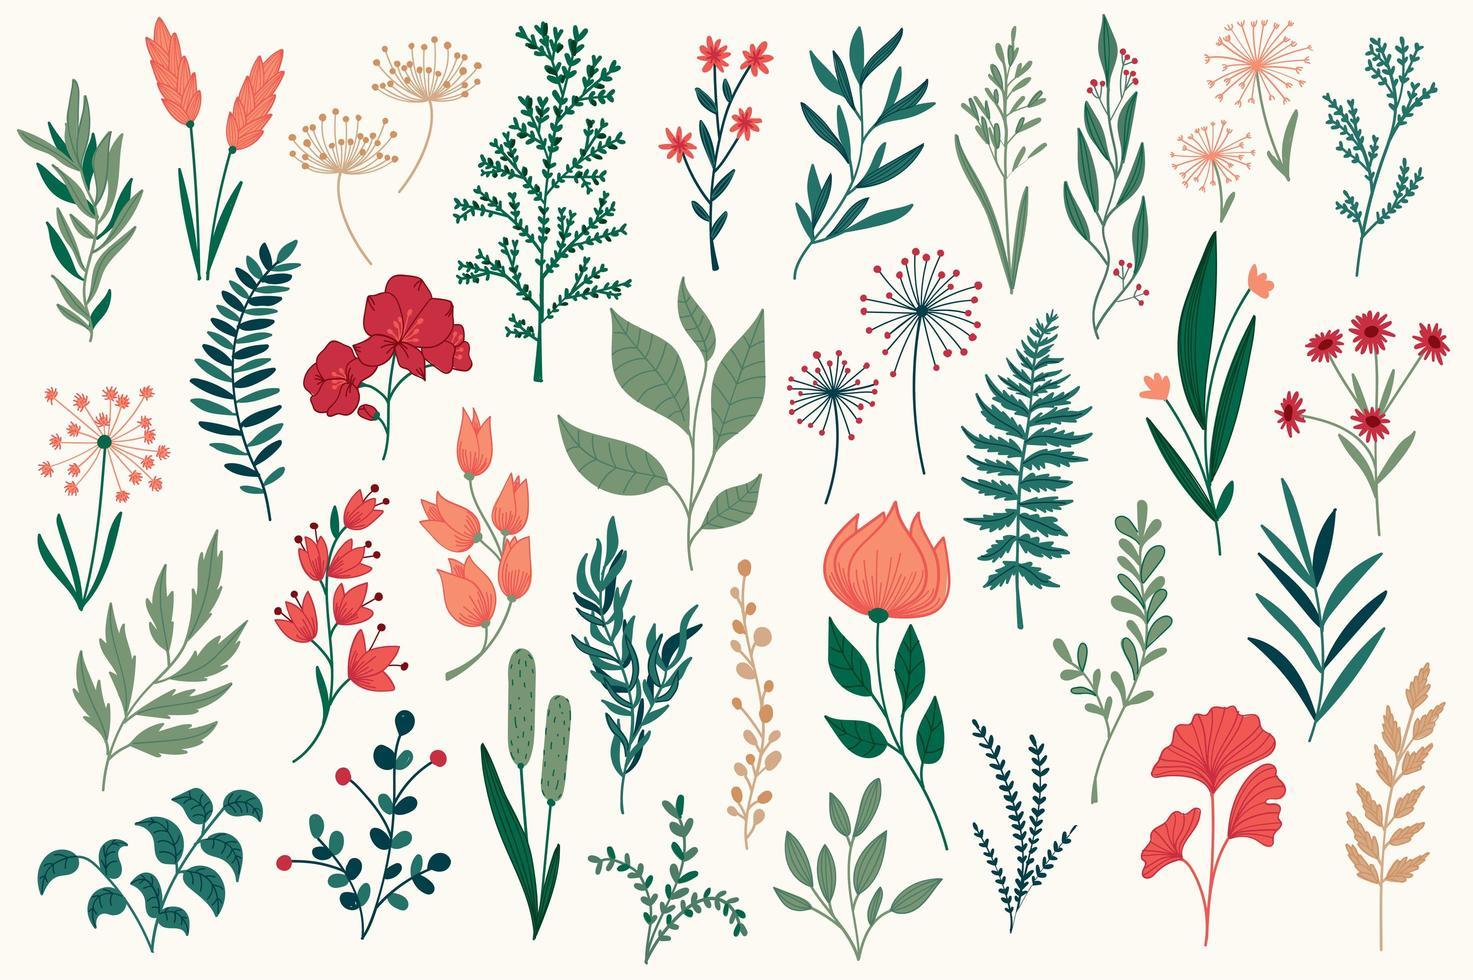 paquete de elementos decorativos florales dibujados a mano. vector